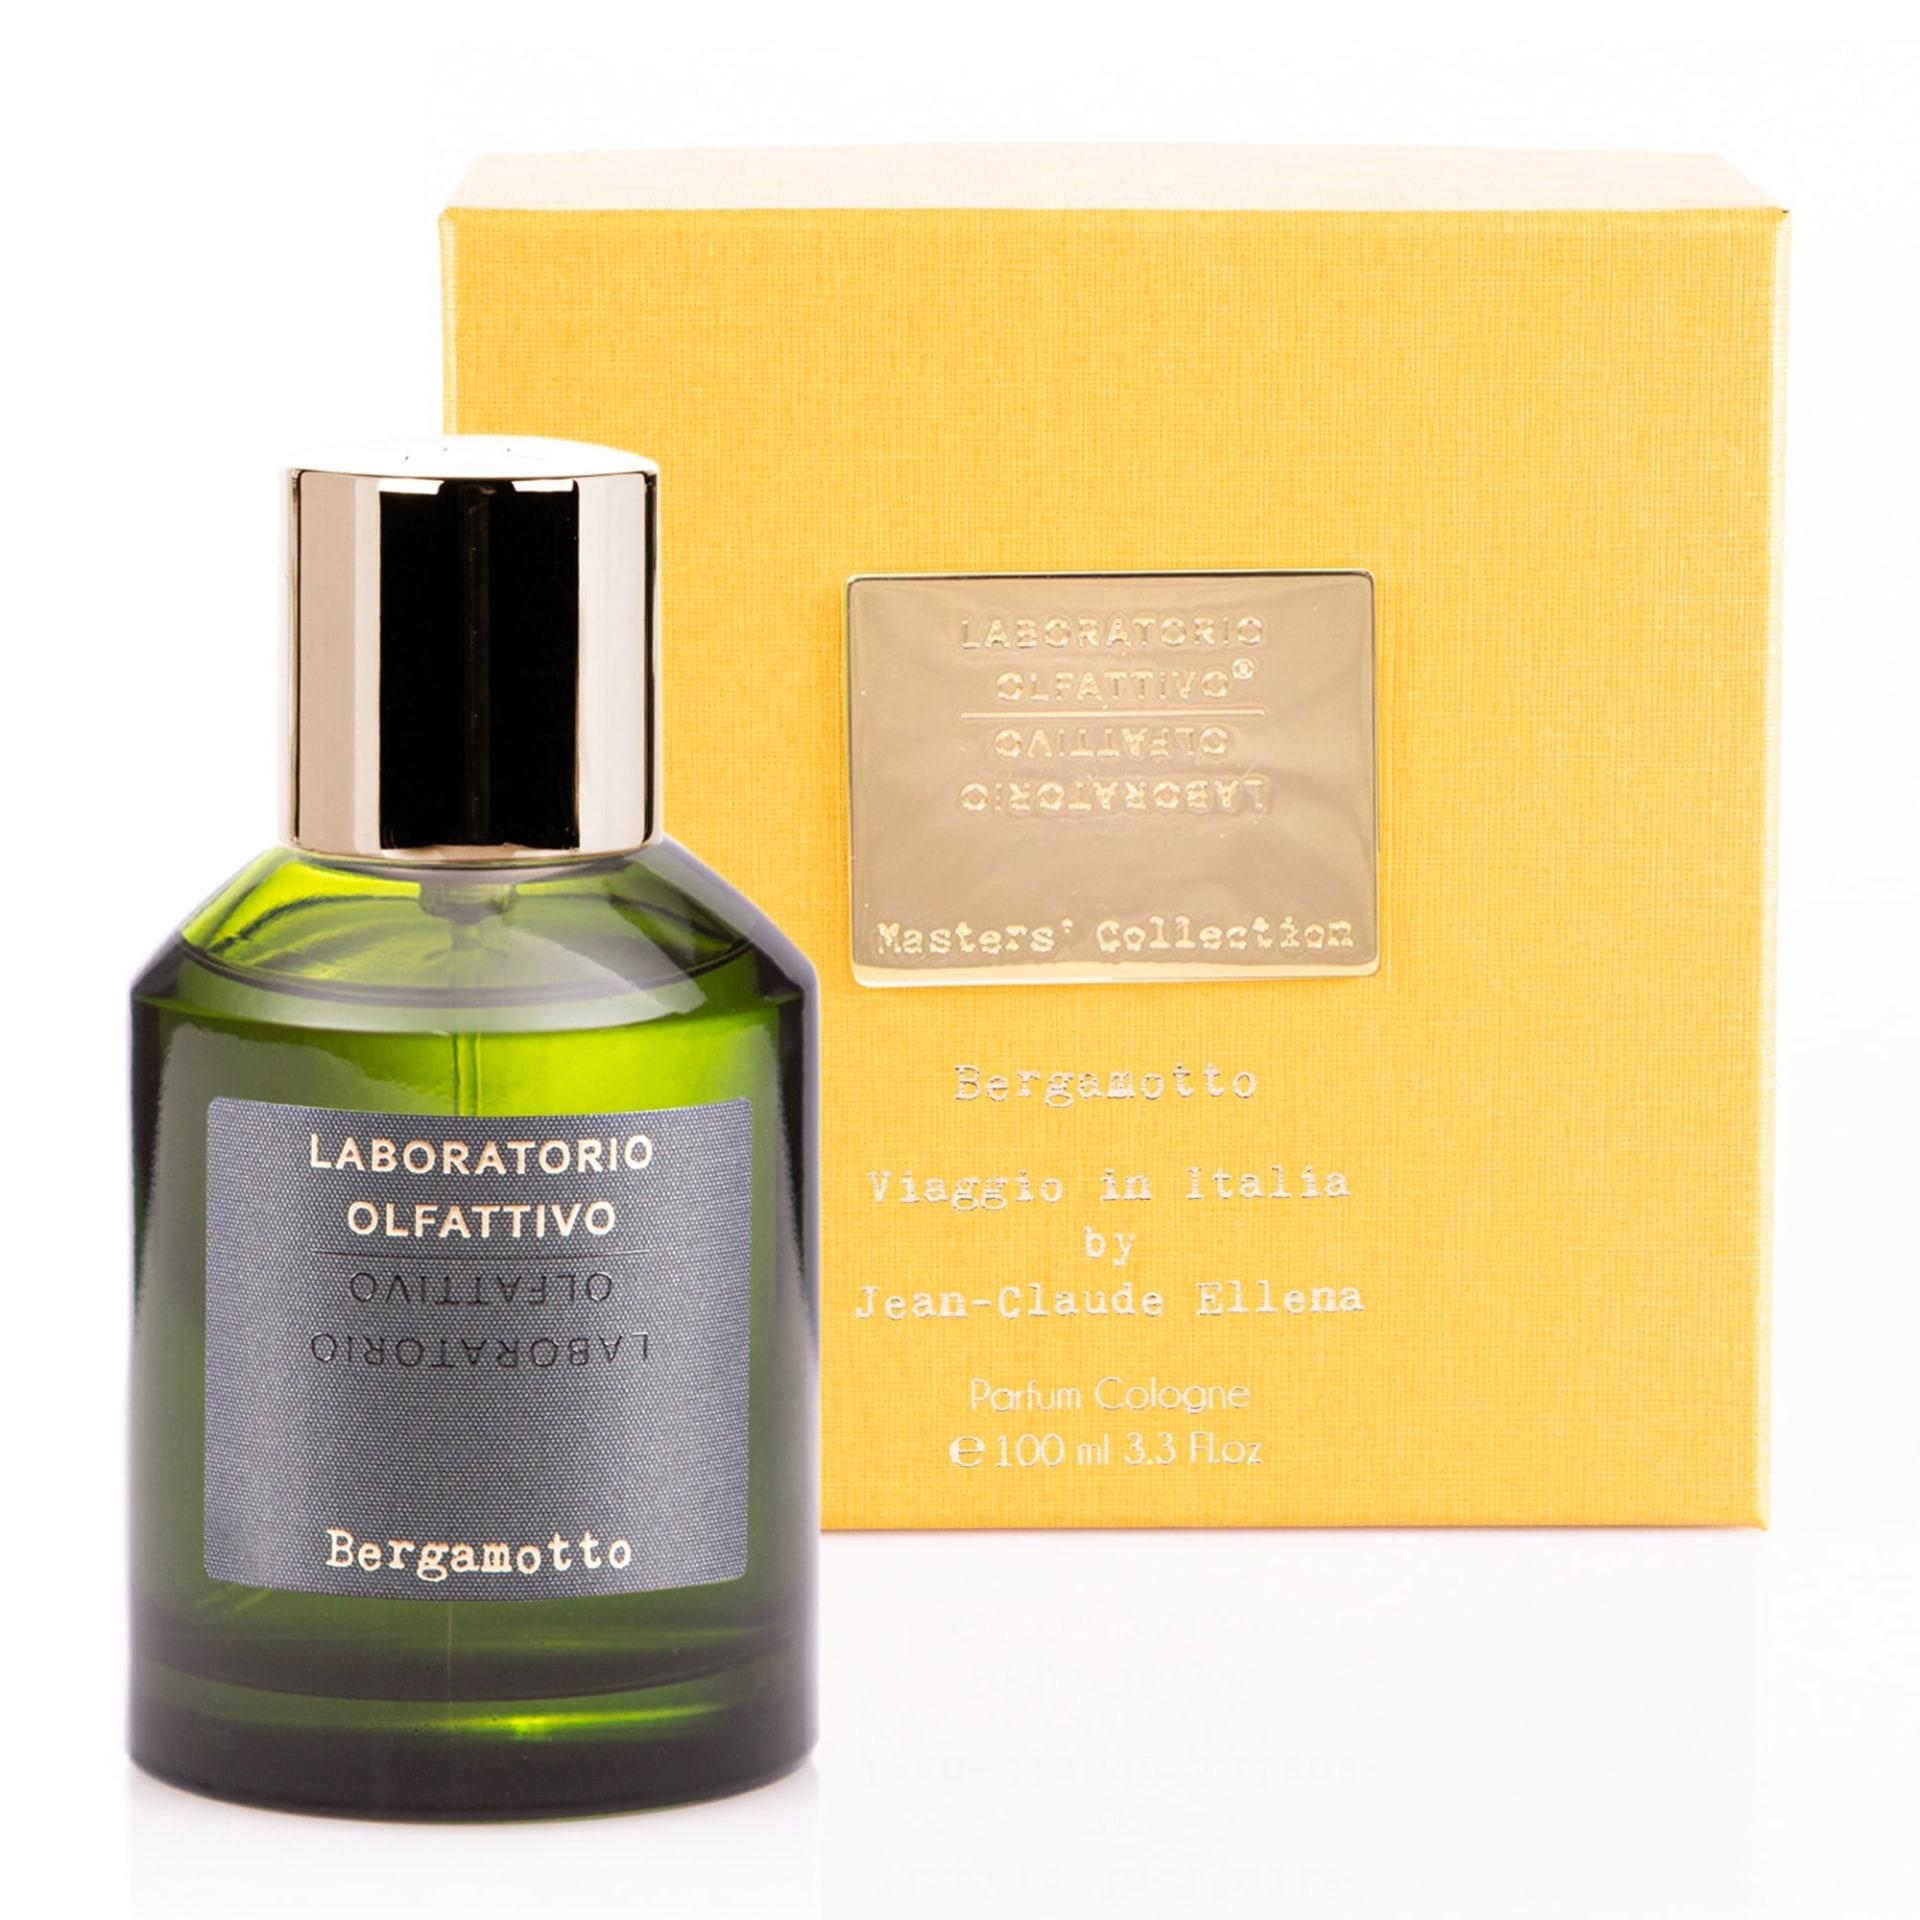 laboratorio-olfattivo-bergamotto-1